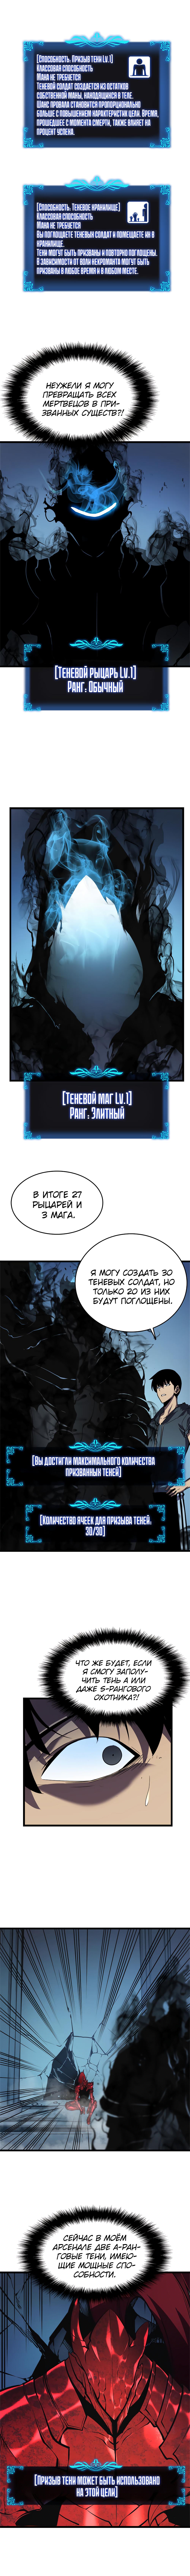 https://r1.ninemanga.com/comics/pic3/13/35341/1300017/154731344041.png Page 8